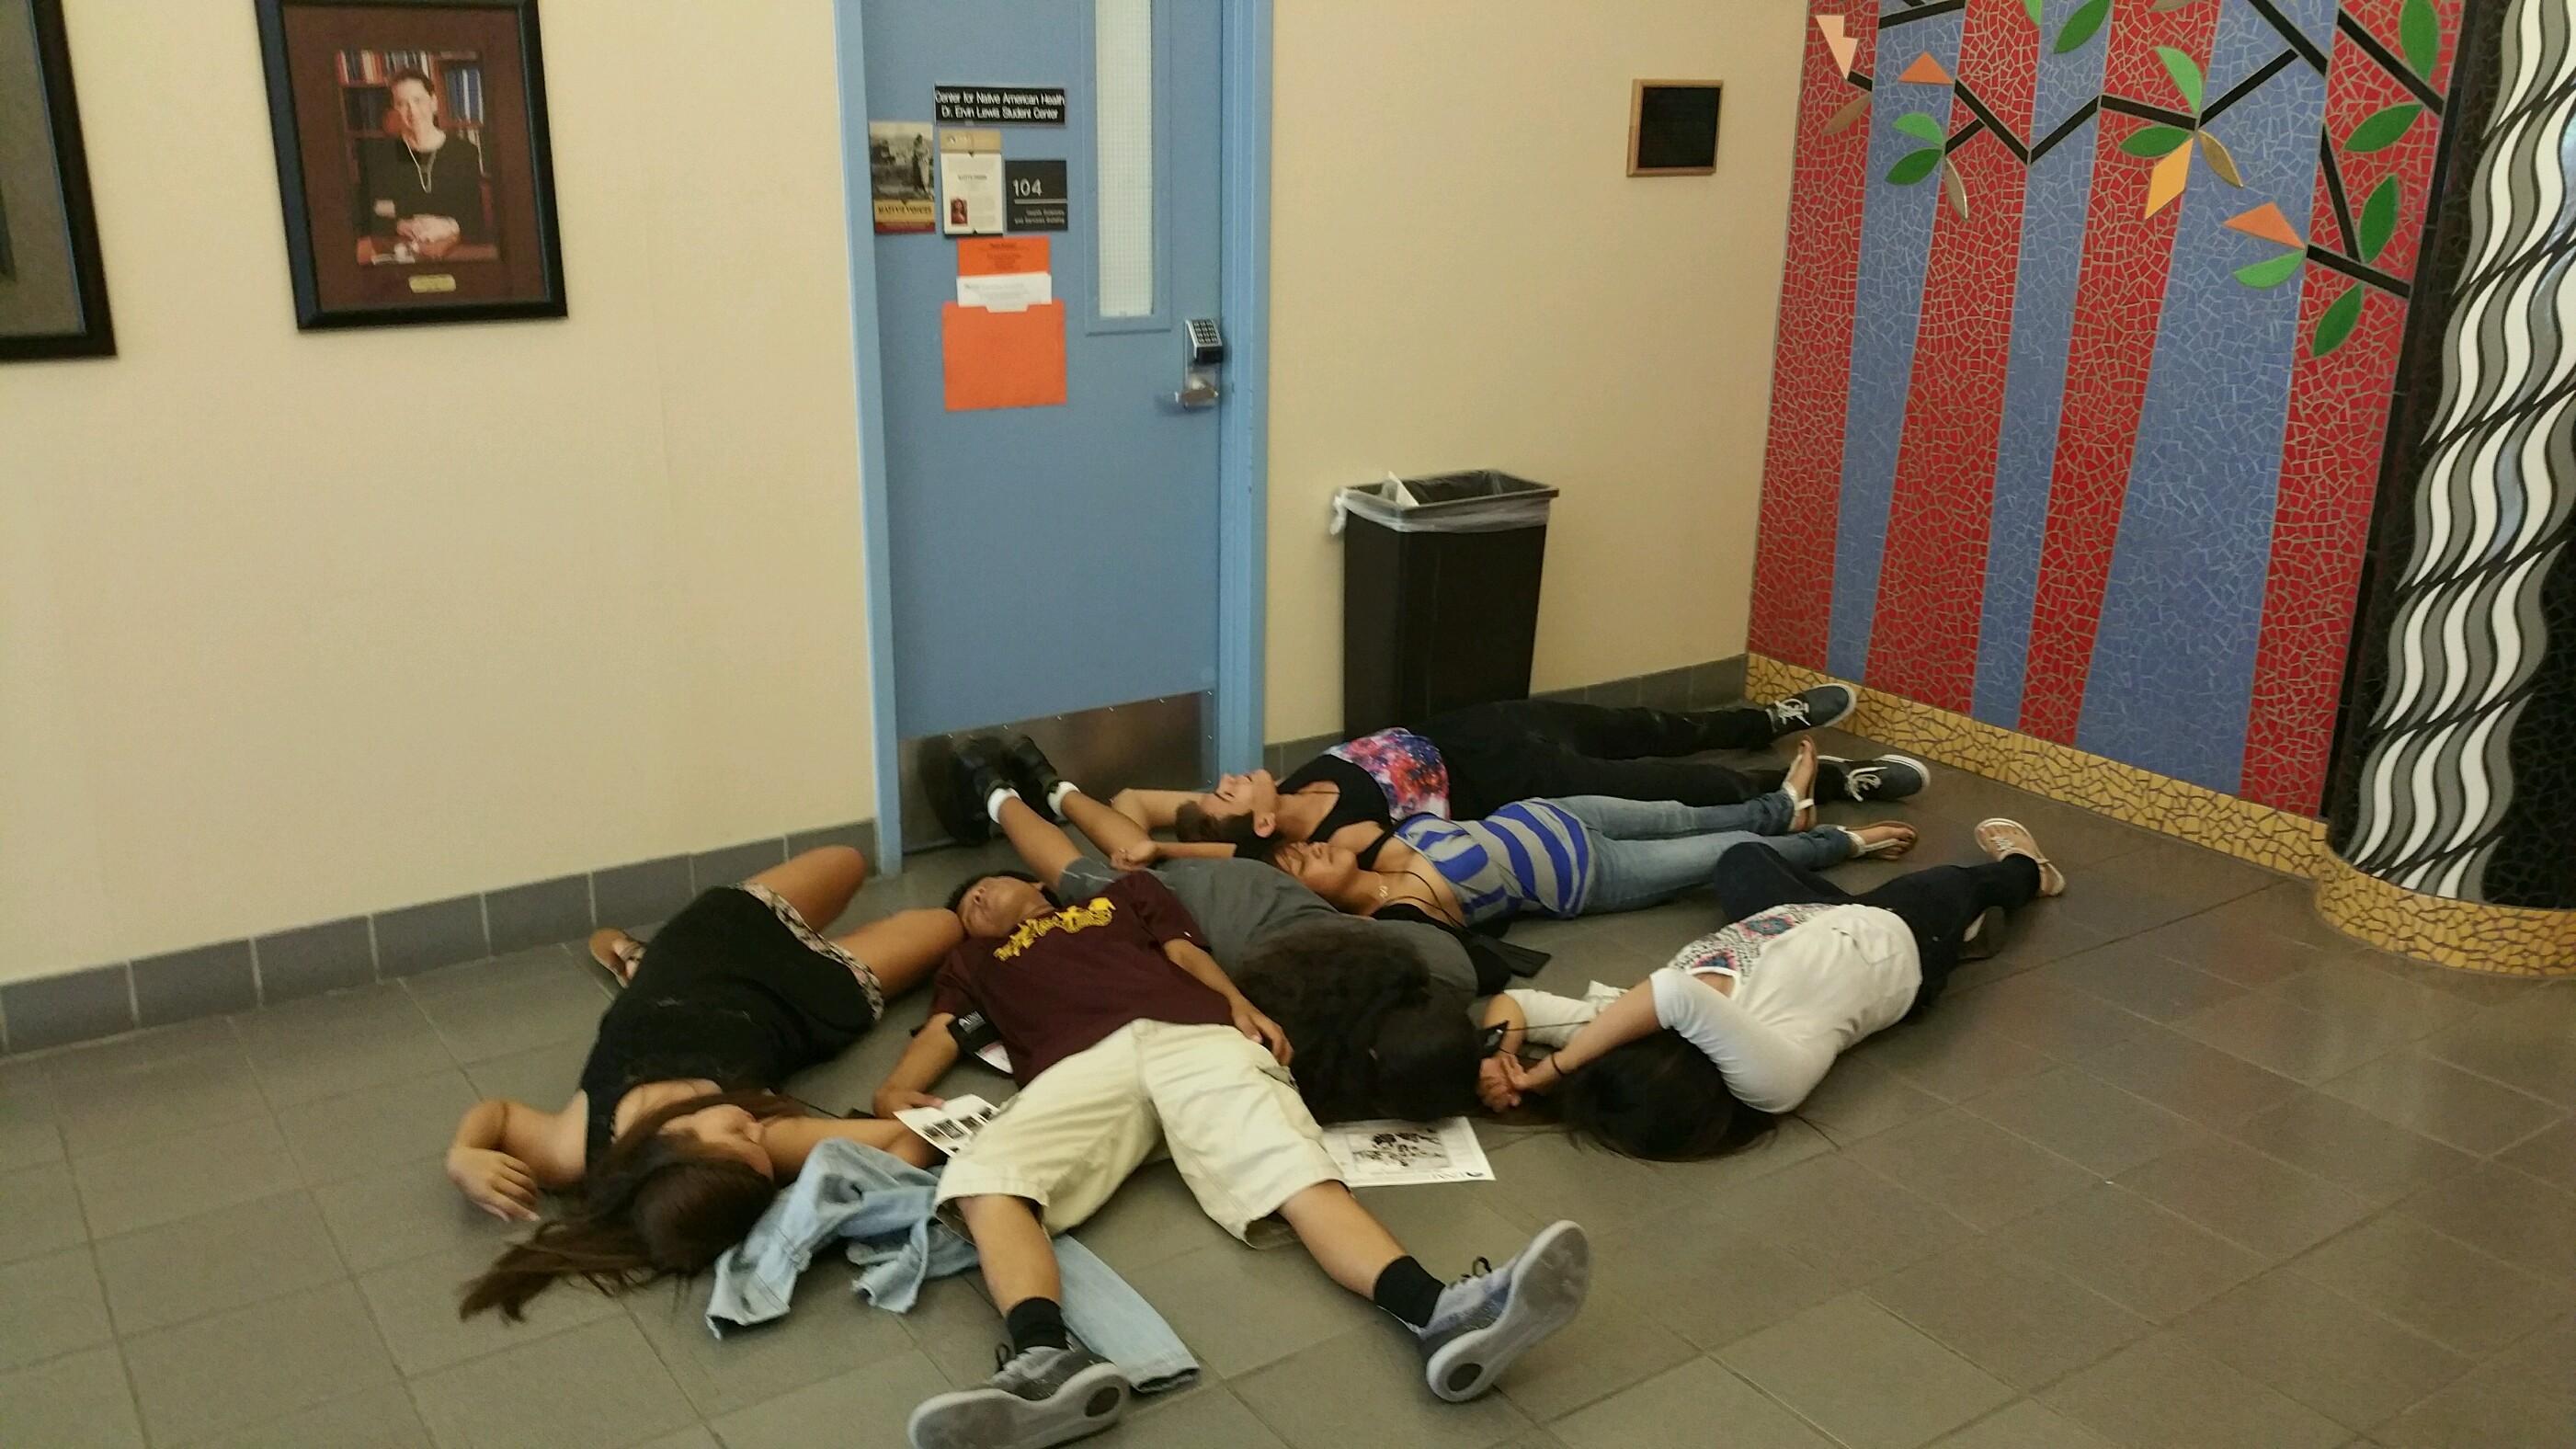 Étudiant allongé sur le sol.